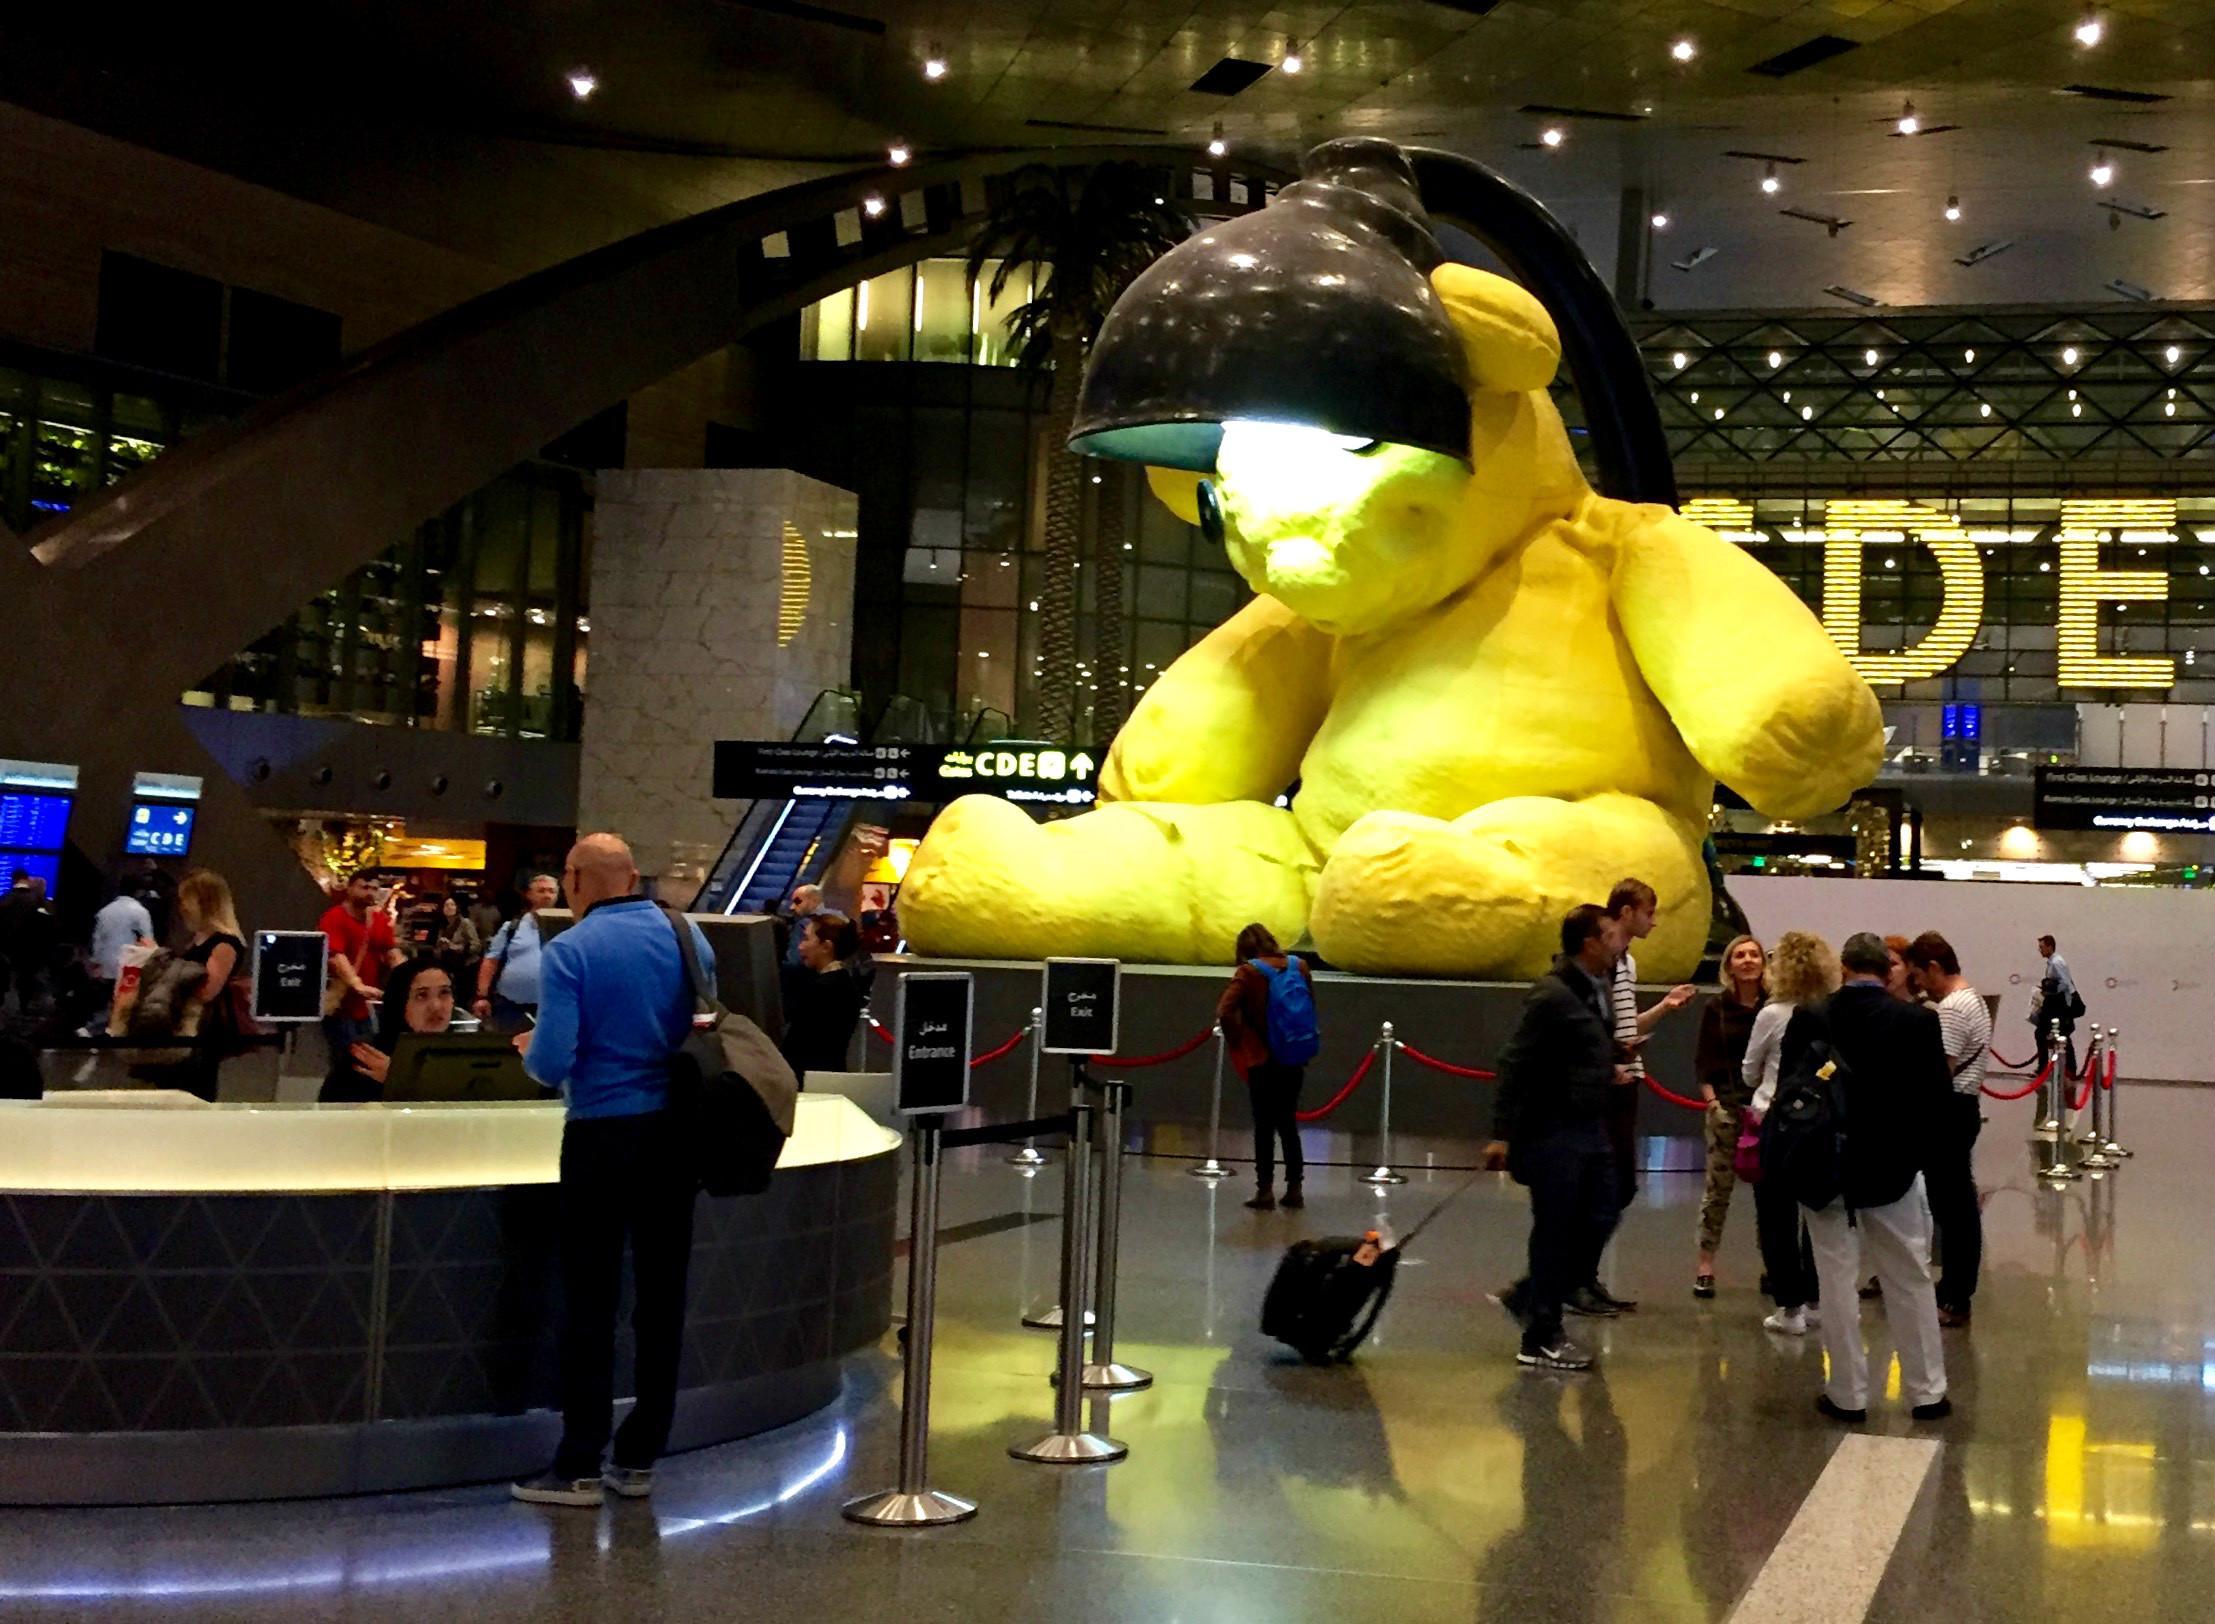 Den store gule bjørnen markerer møtepunktet midt i terminalen.